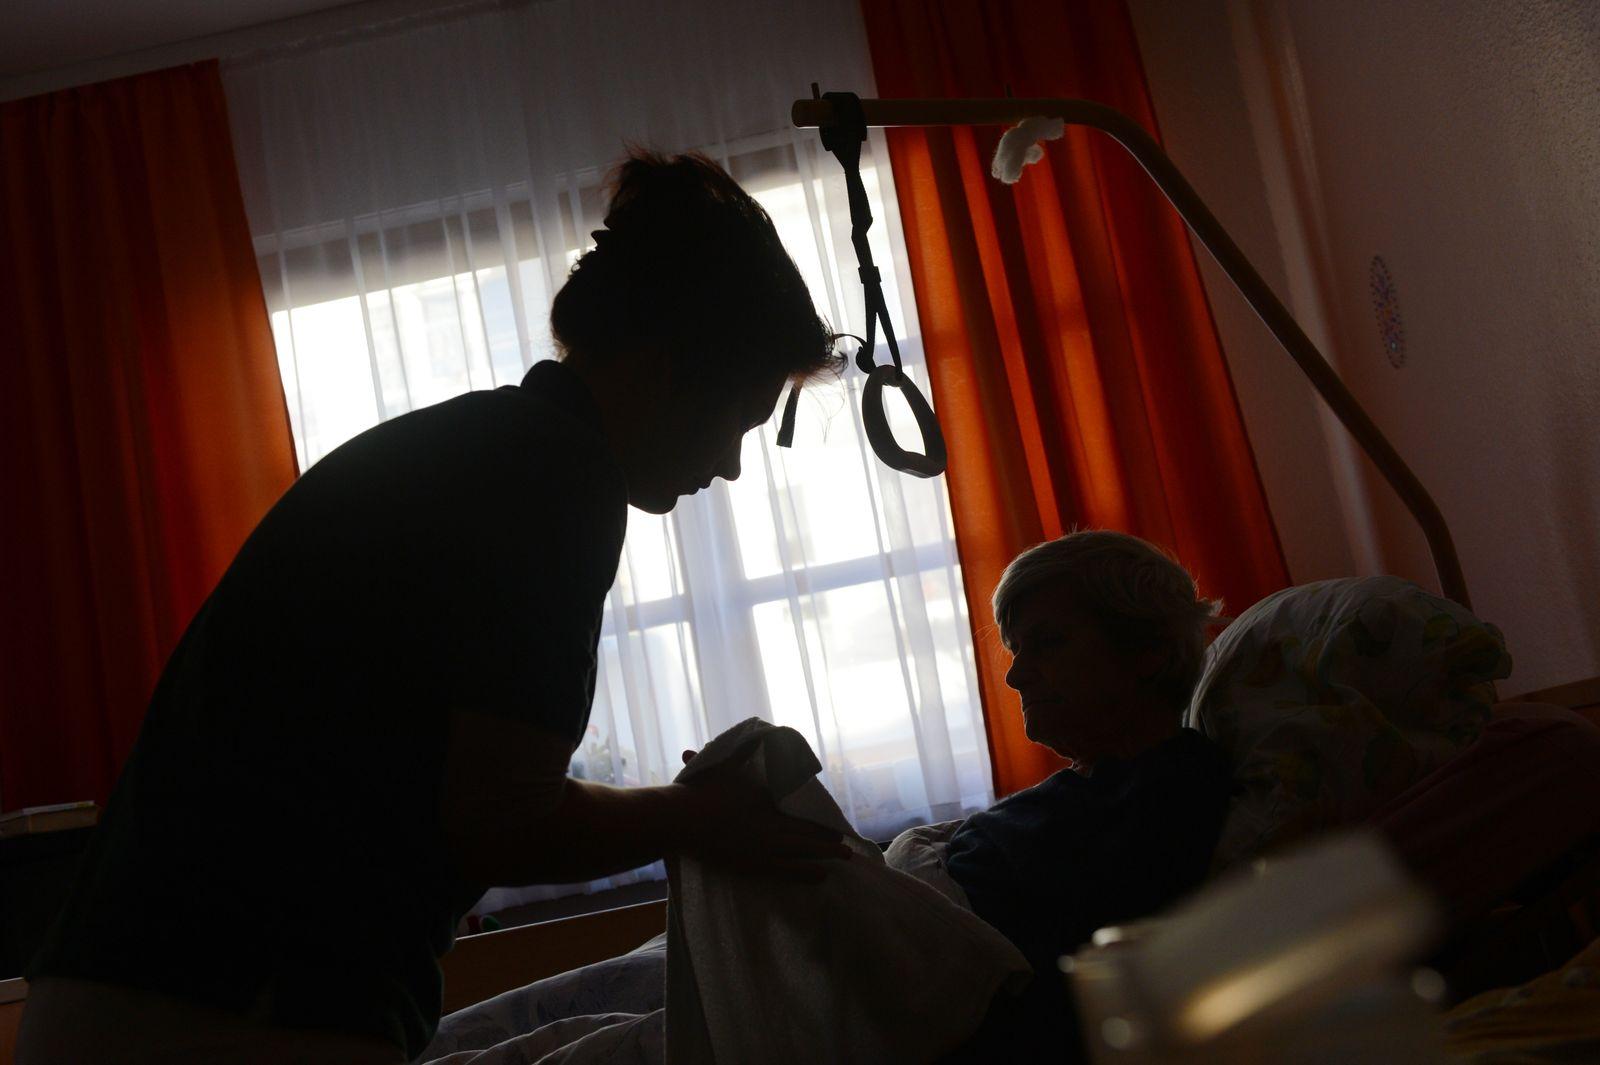 Verband: Ehrenamtliche Hospizarbeit nach wie vor Frauensache